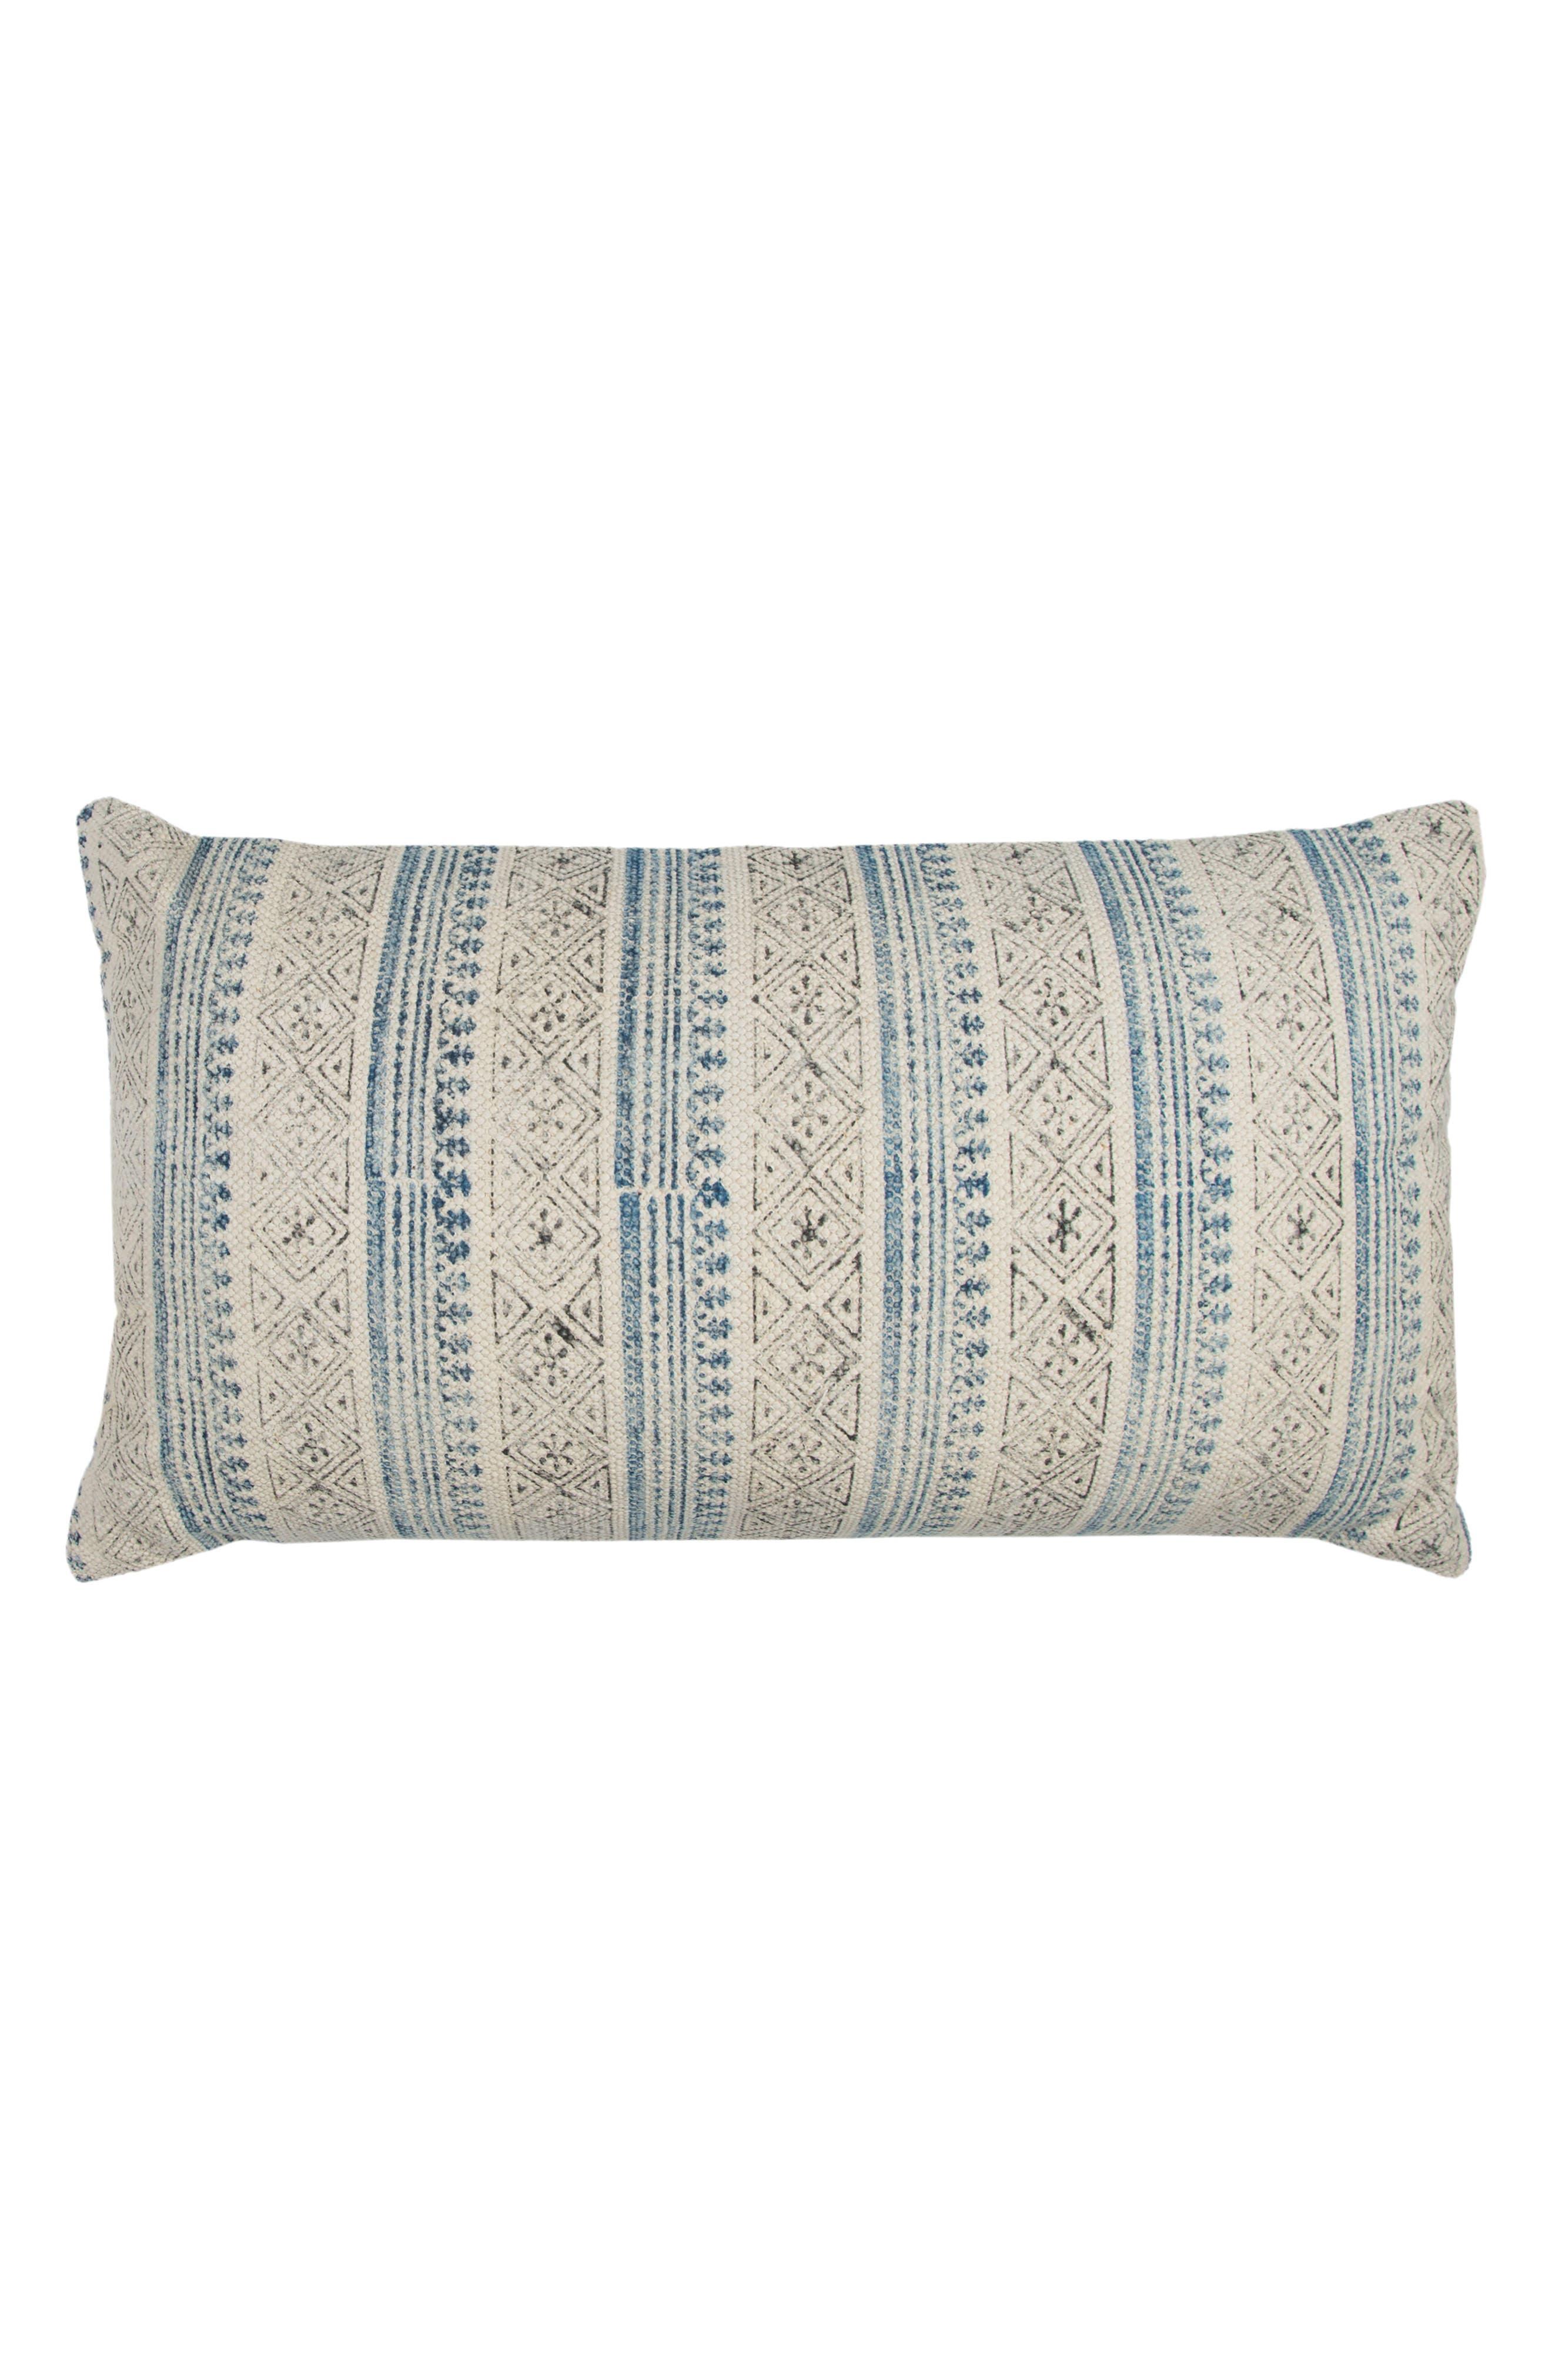 Stripe Accent Pillow,                         Main,                         color,